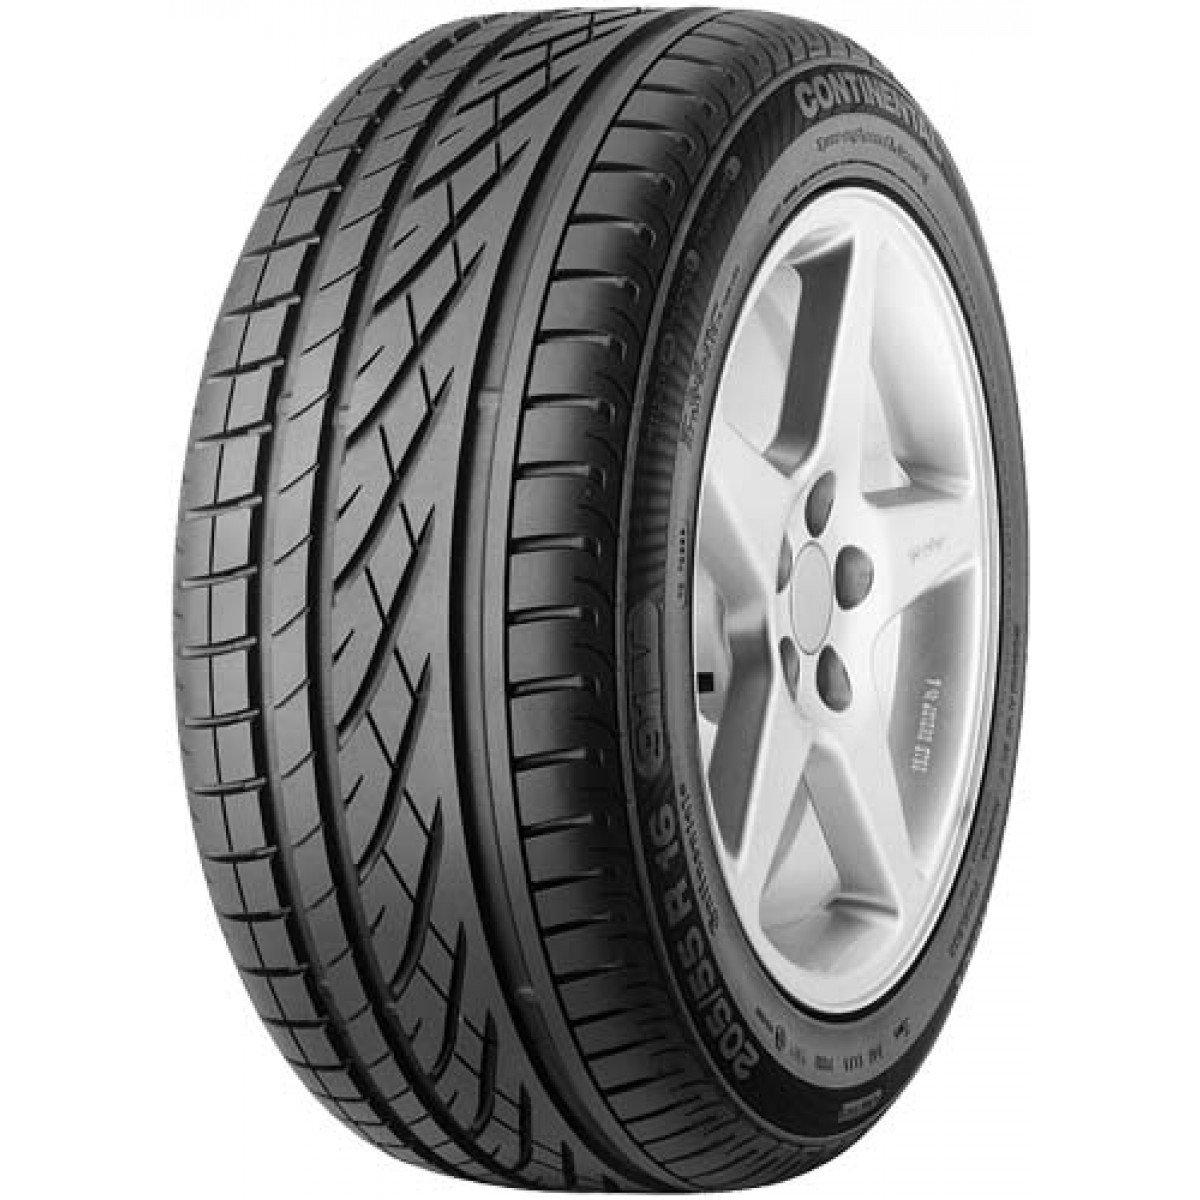 Neumático CONTINENTAL CONTIPREMIUMCONTACT BMW 205/55R16 91 V